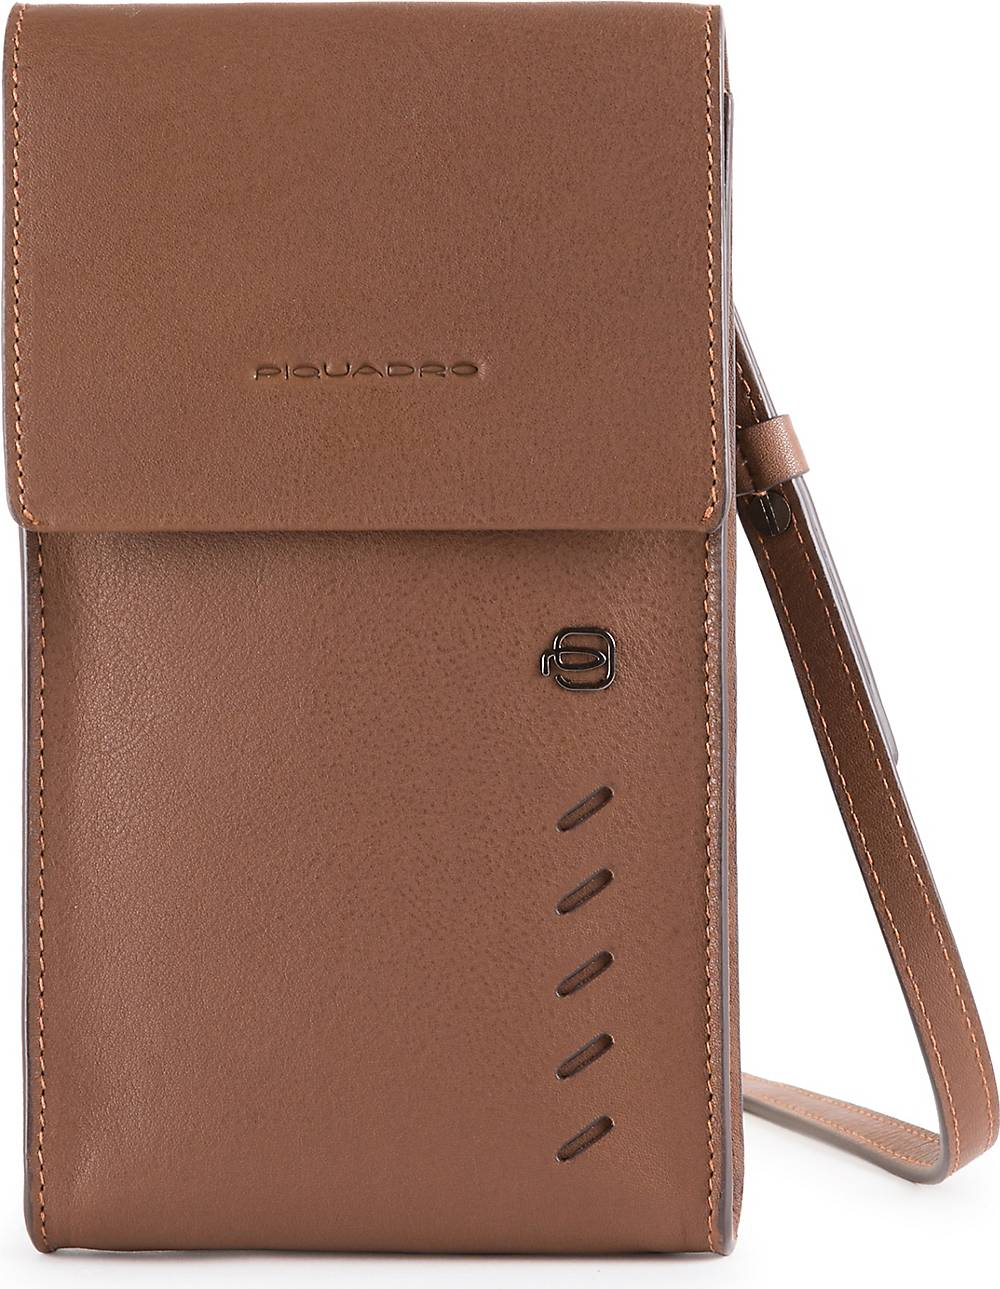 Piquadro, Nabucco Handytasche Leder 11 Cm in mittelbraun, Handyhüllen & Zubehör für Damen